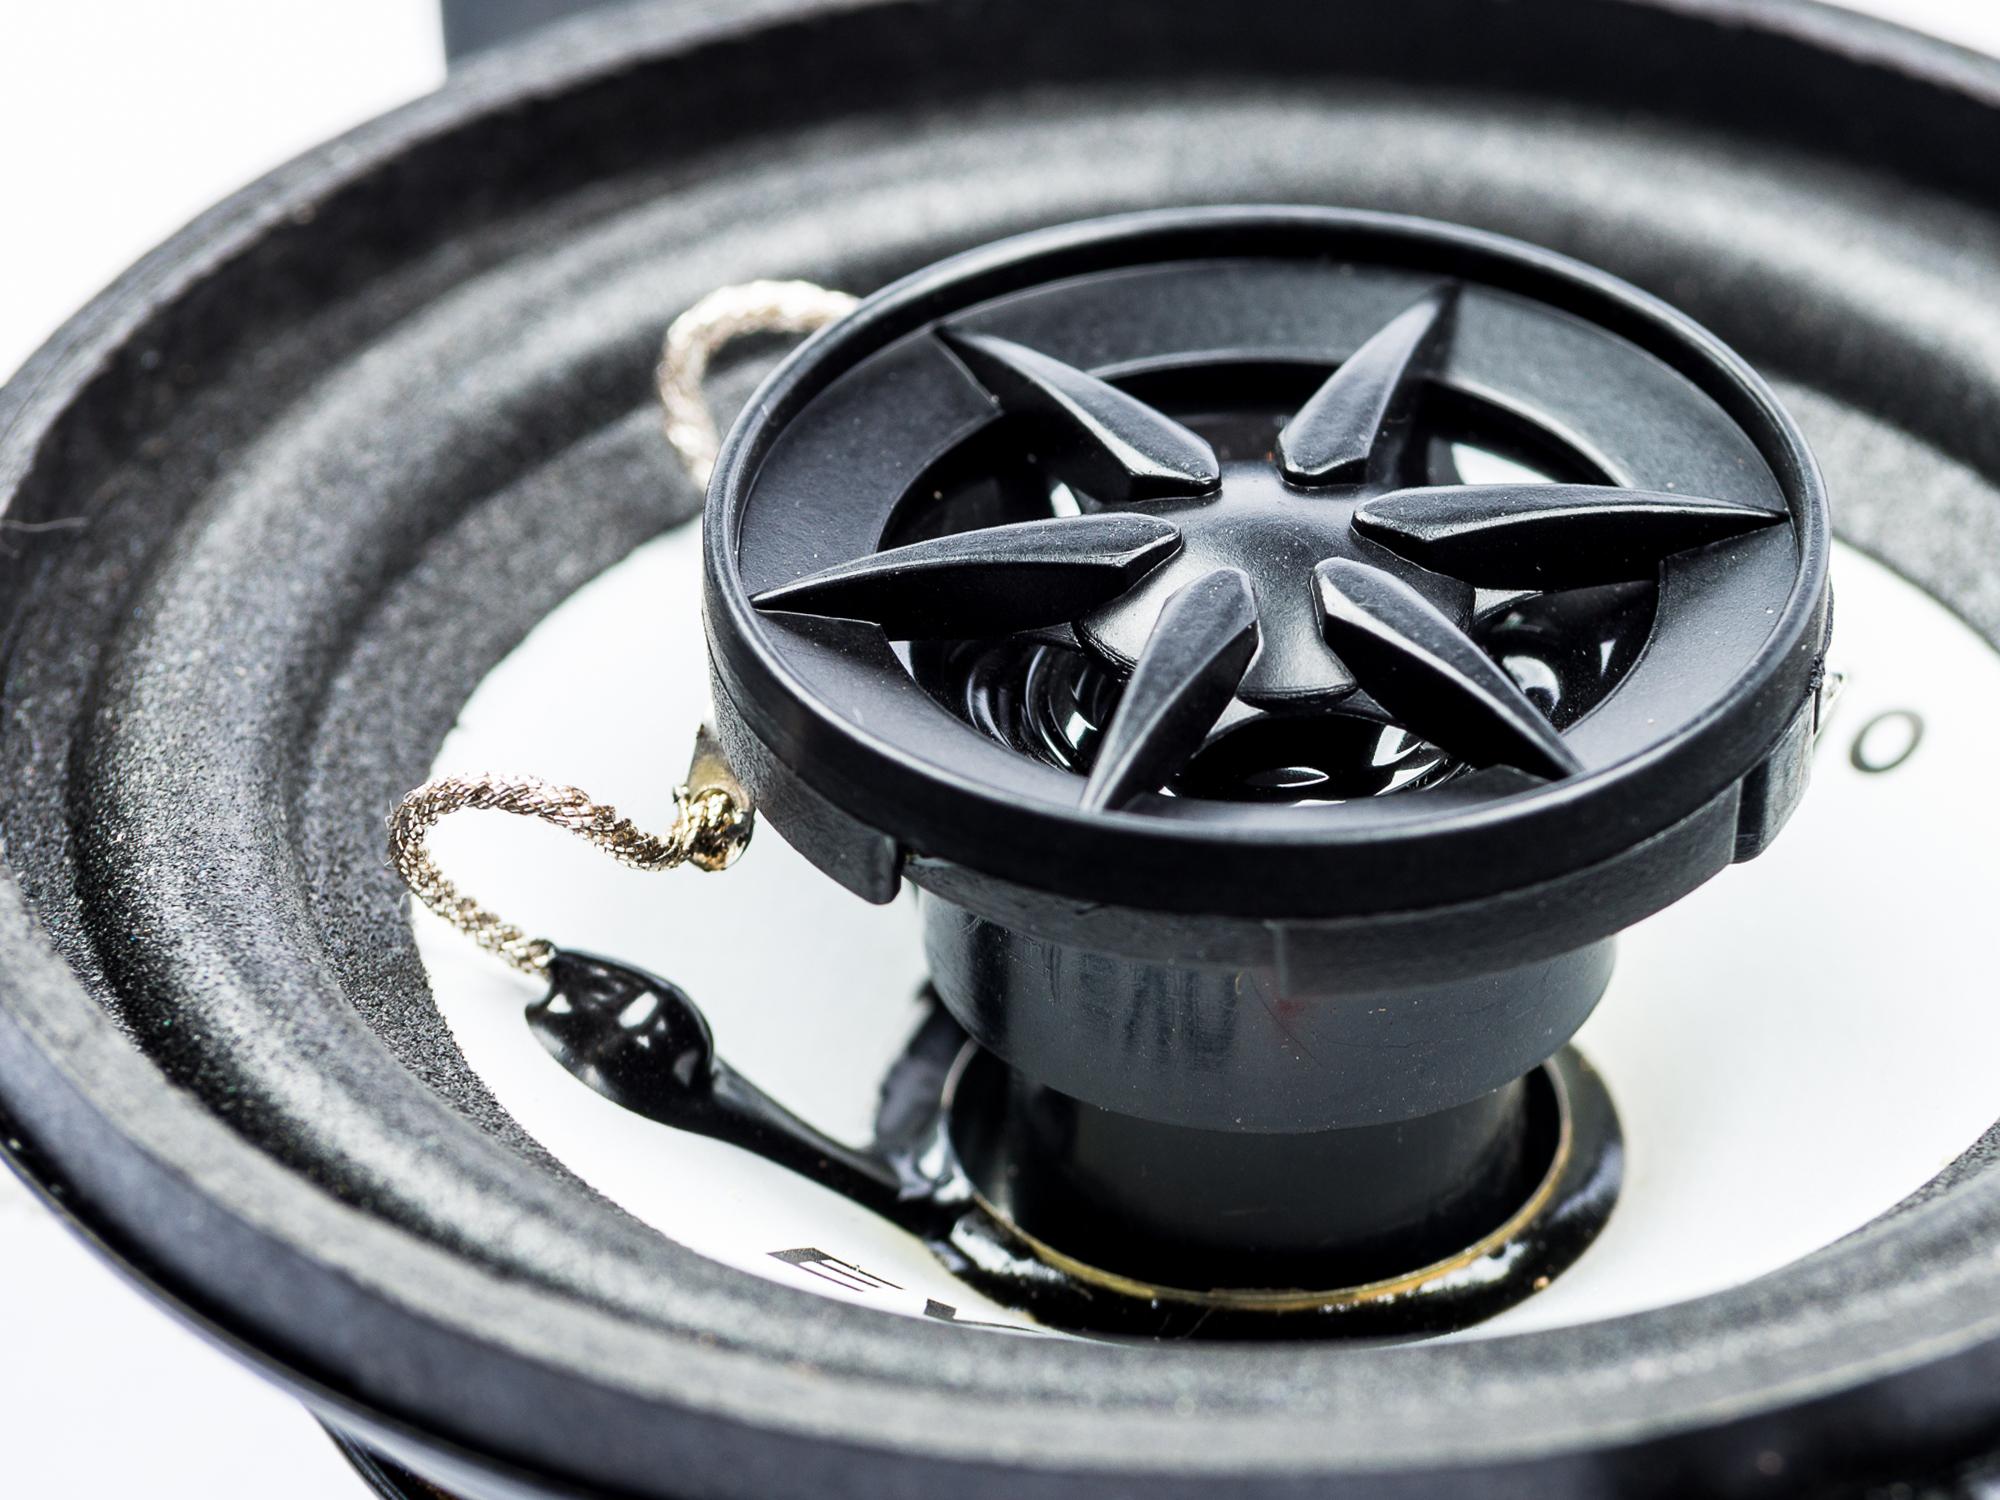 13 cm Coax 2-Wege-Koax Renault Megane 3, Lautsprecher-Set Tür Vorne und Hinten – Bild 4